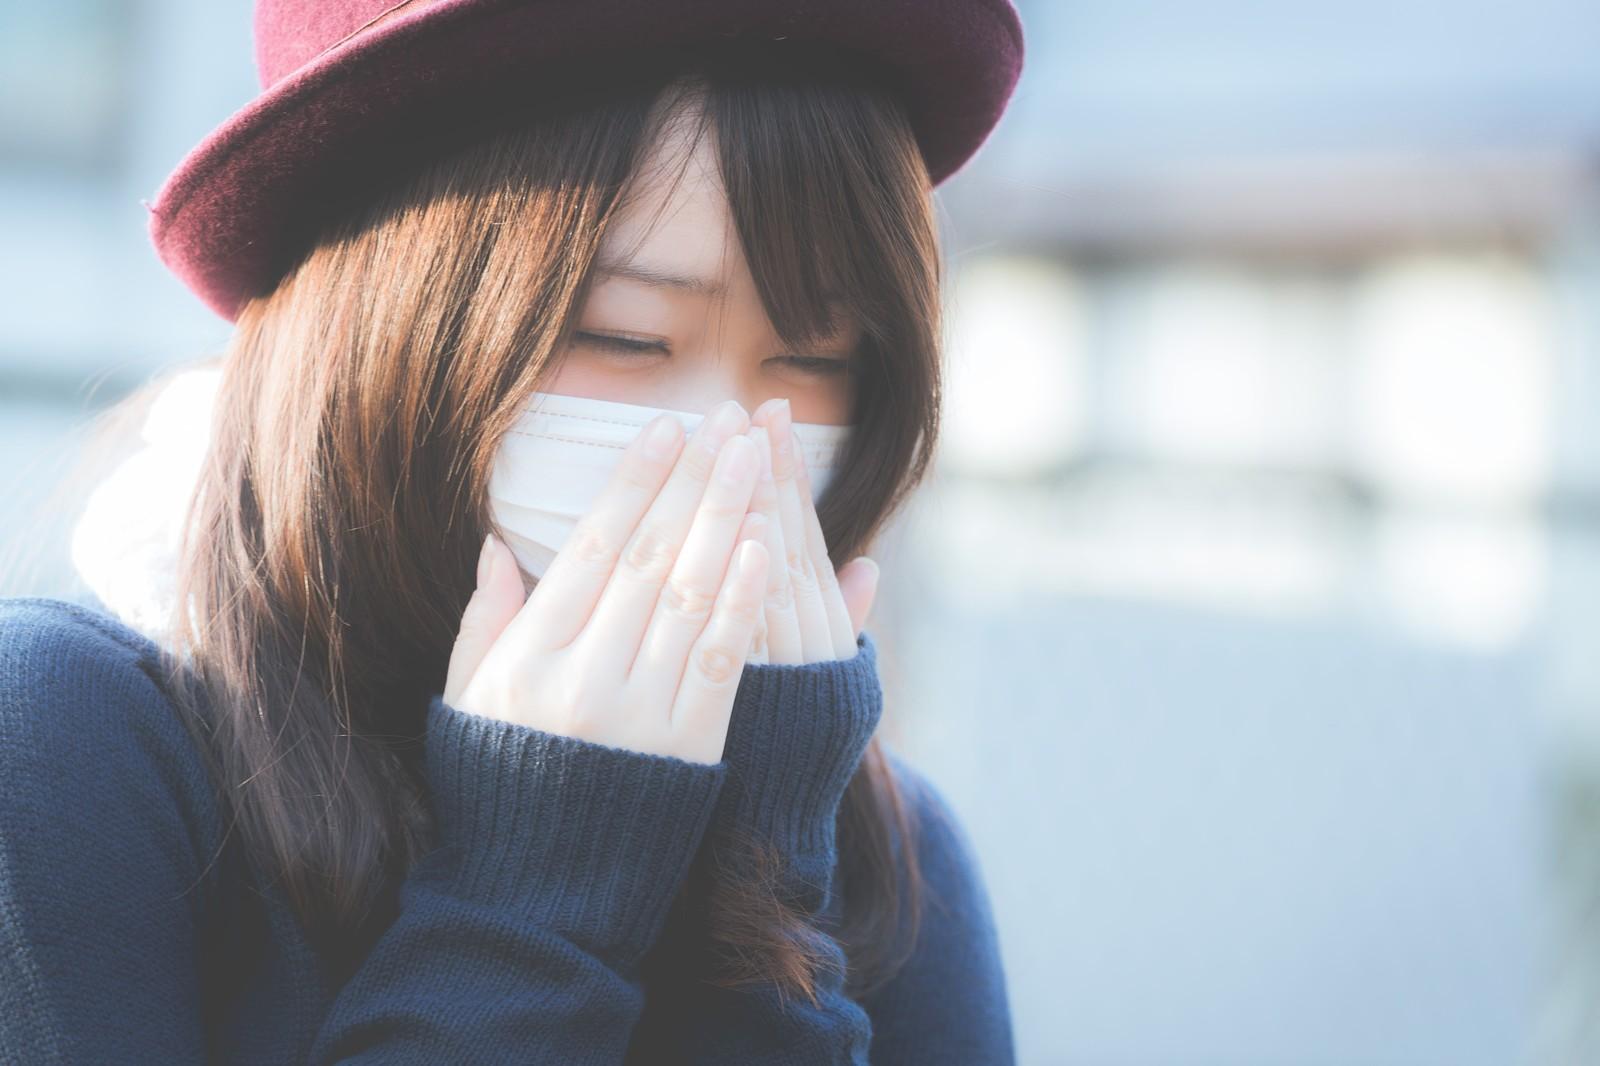 SAYA160105202992 TP V - くしゃみや咳で腰痛い!原因と治し方、一瞬で楽になる裏ワザも♪